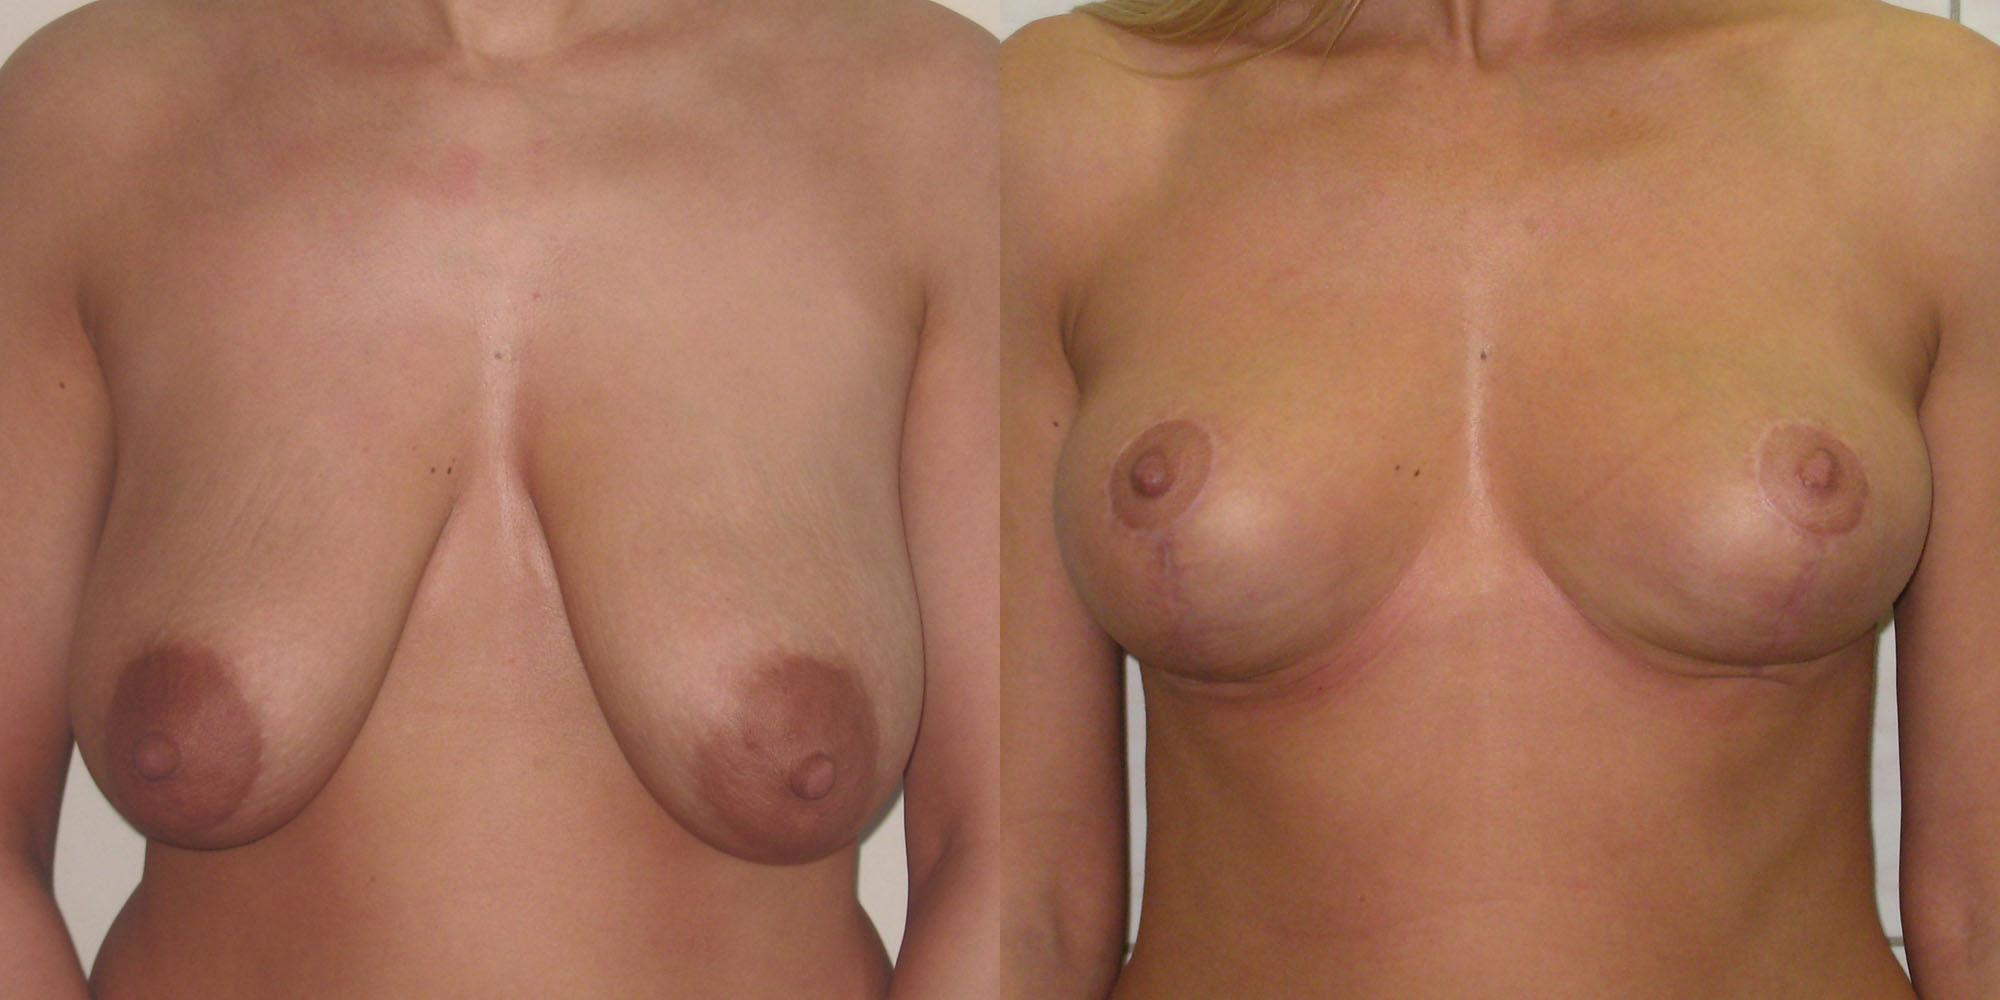 Фото различных форм груди женщин 13 фотография